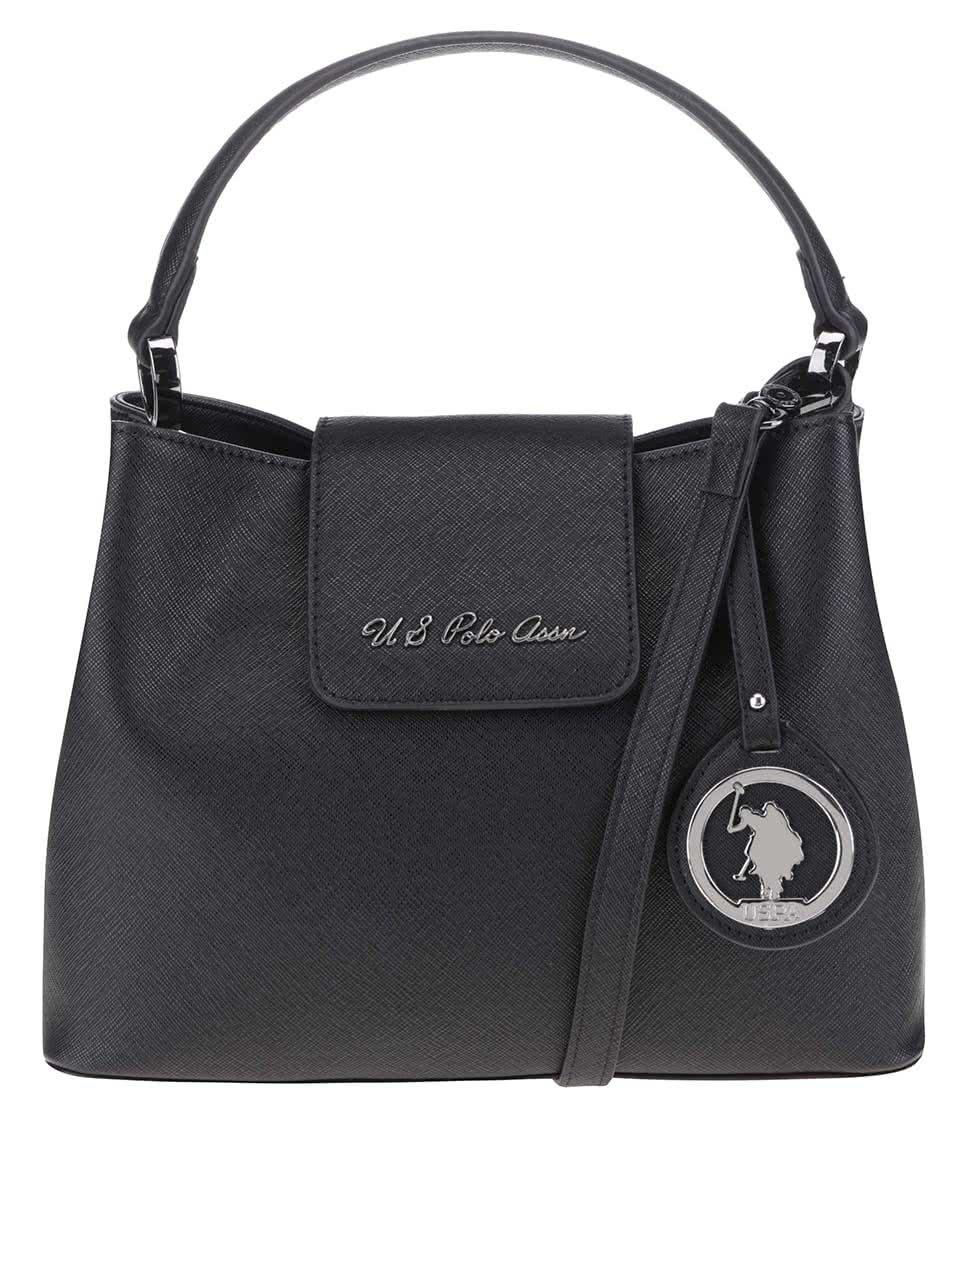 Černá kabelka se zapínáním na magnet U.S. Polo Assn